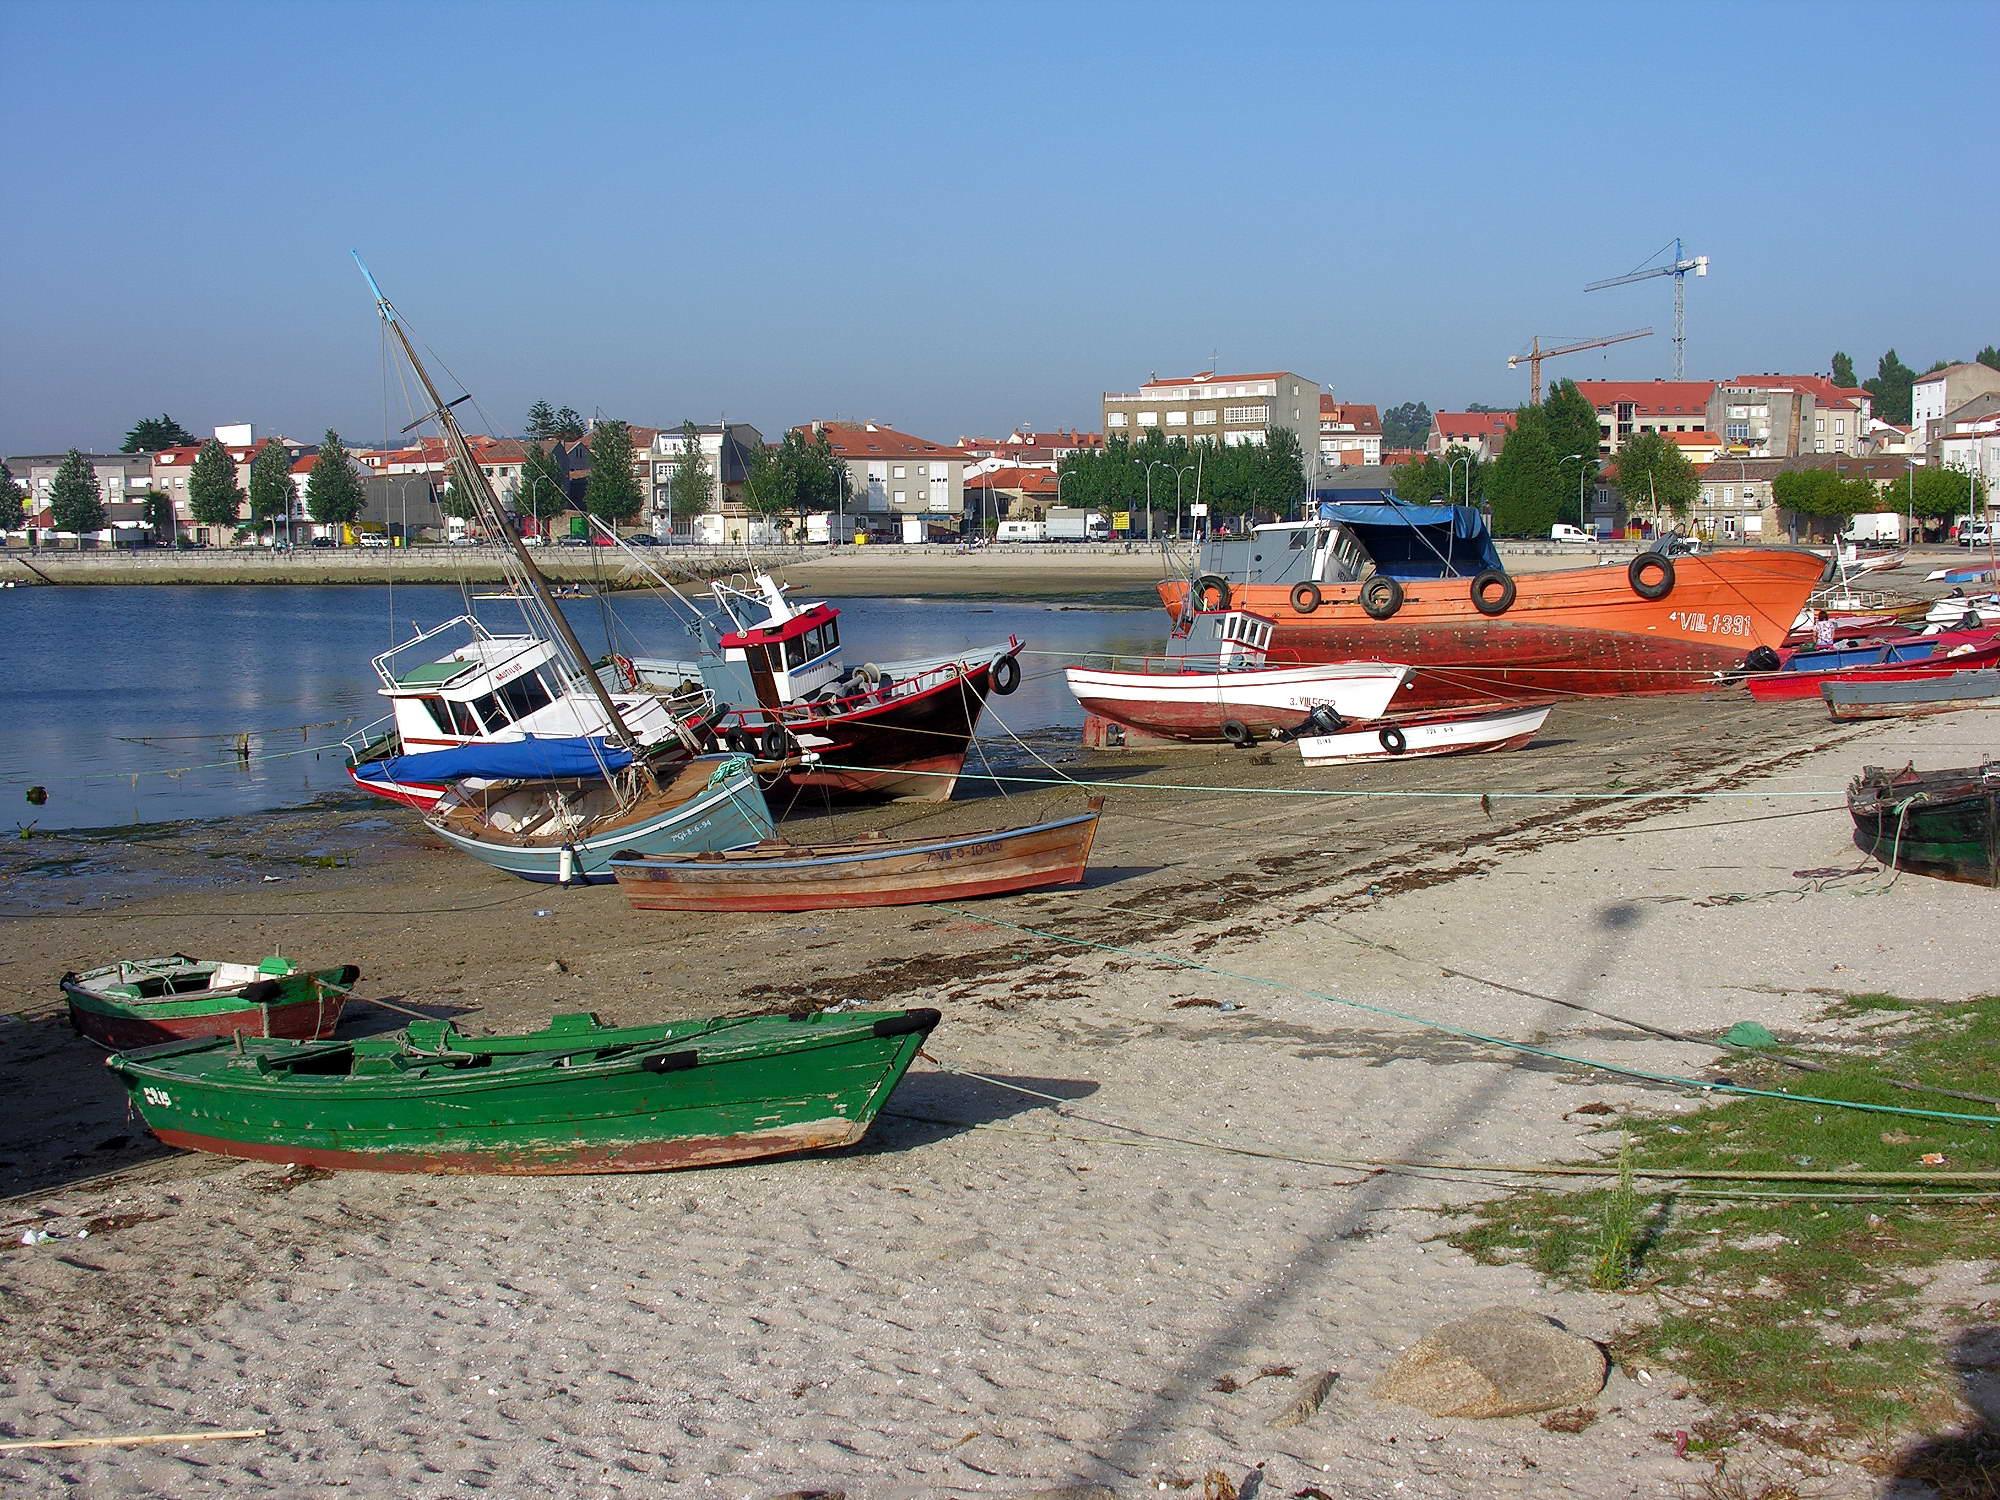 Fisherman's boats at Cambados